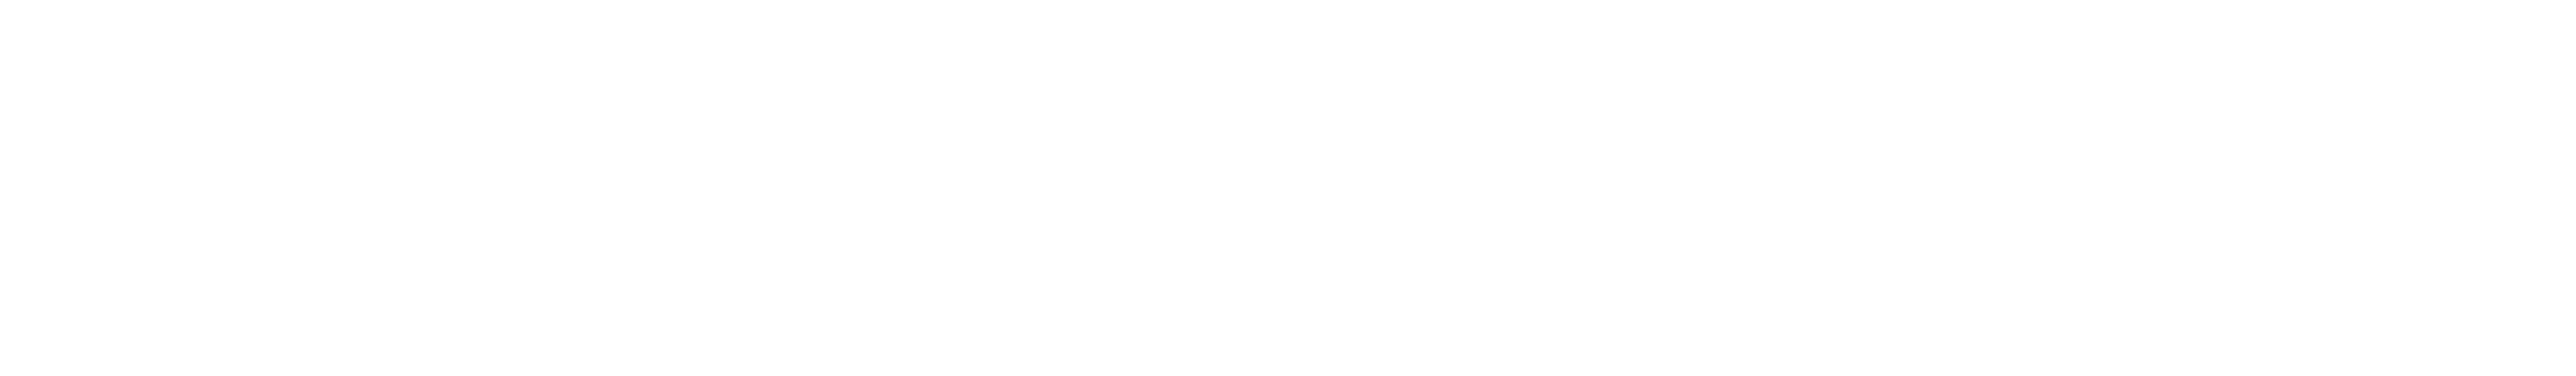 Martin Rosenberger